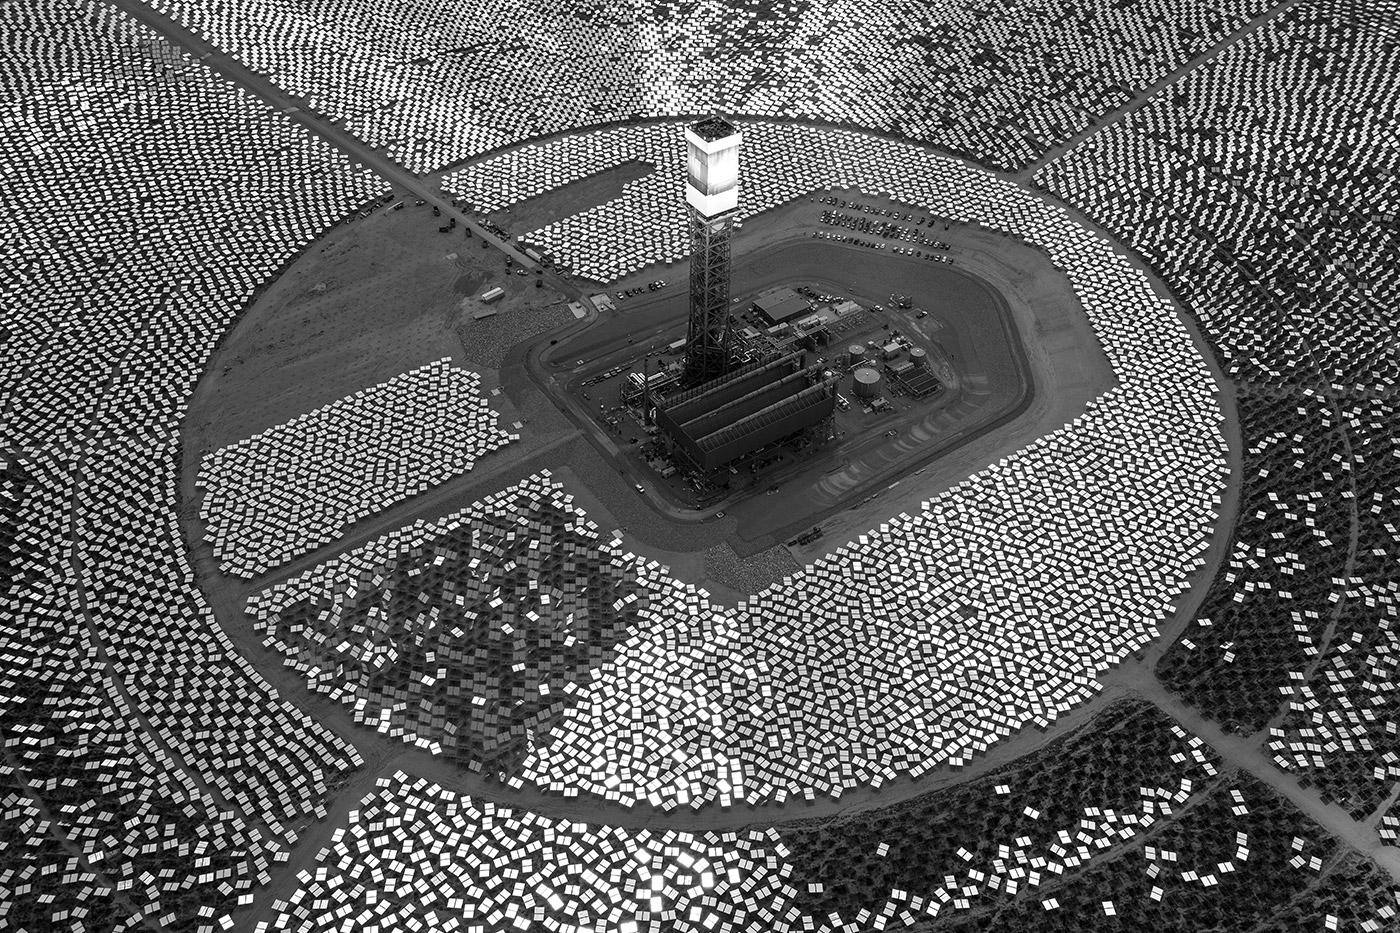 2013 год станции с солнечными панелями